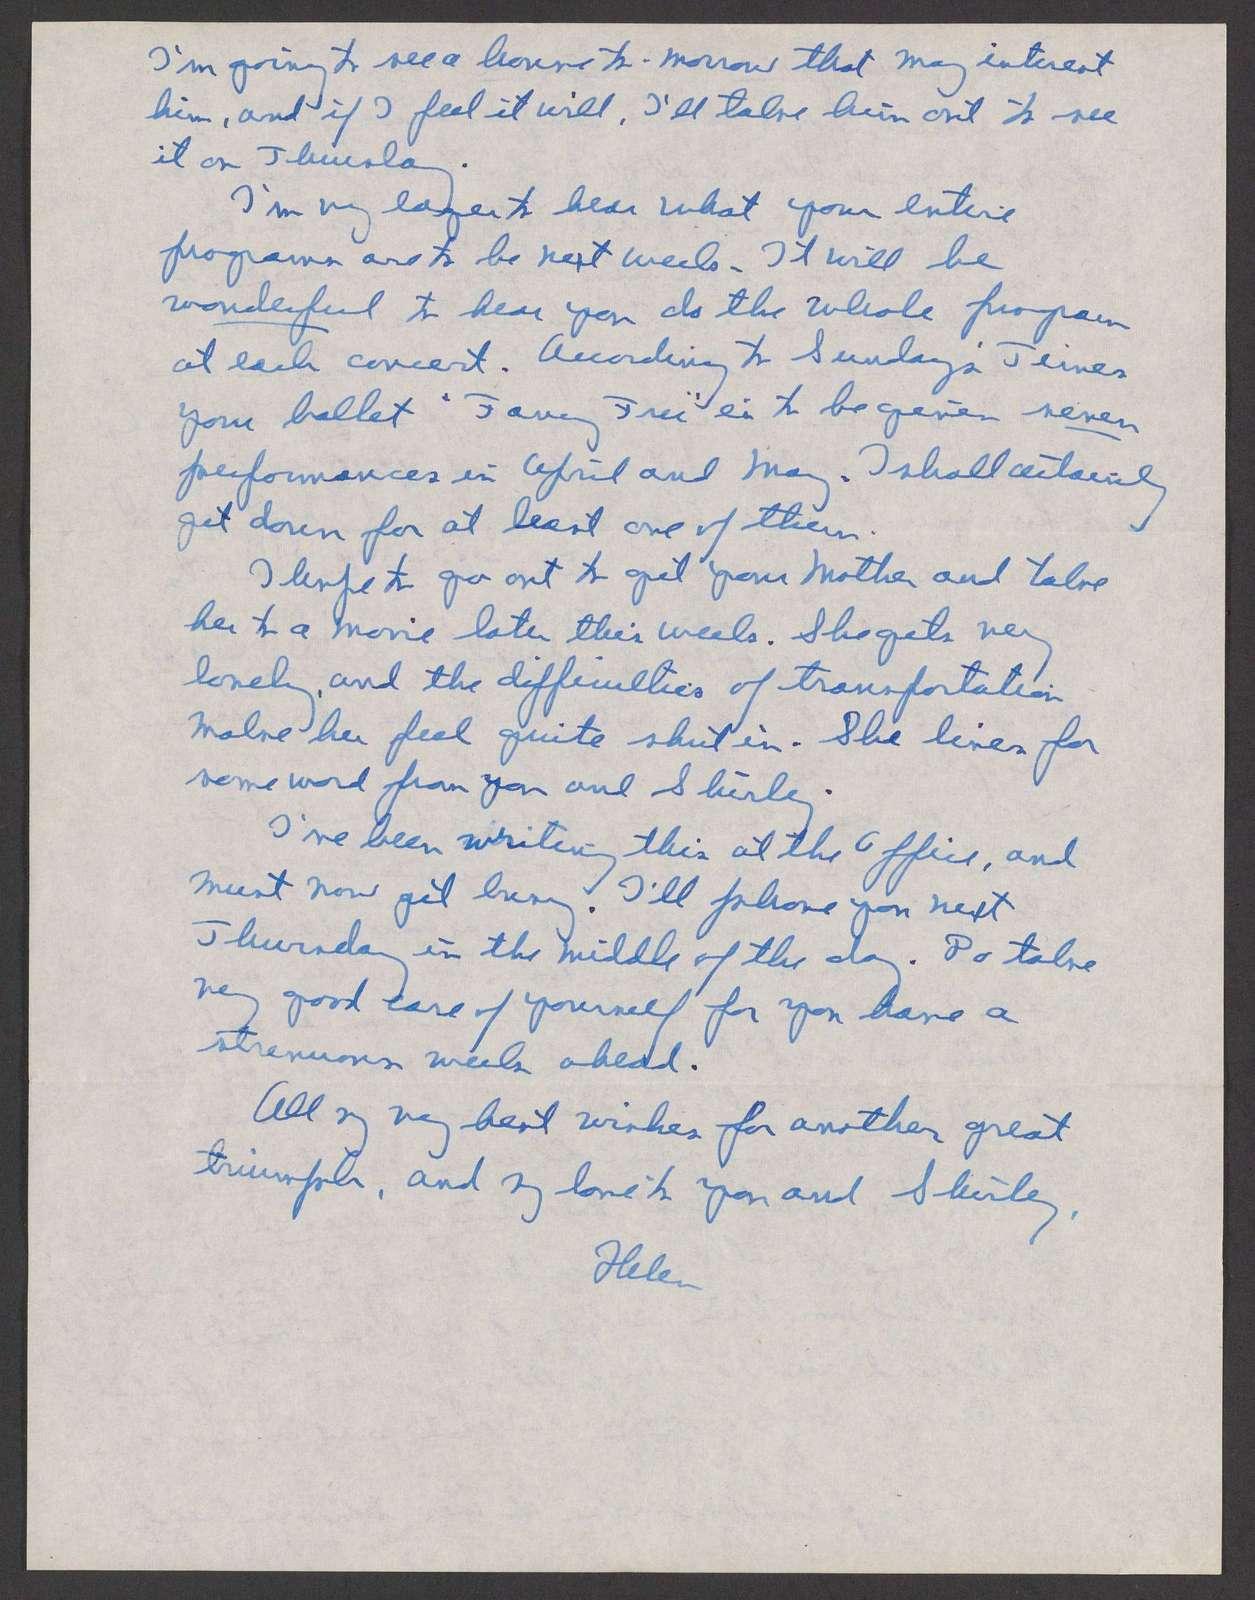 Helen Coates to Leonard Bernstein, March 21, 1944